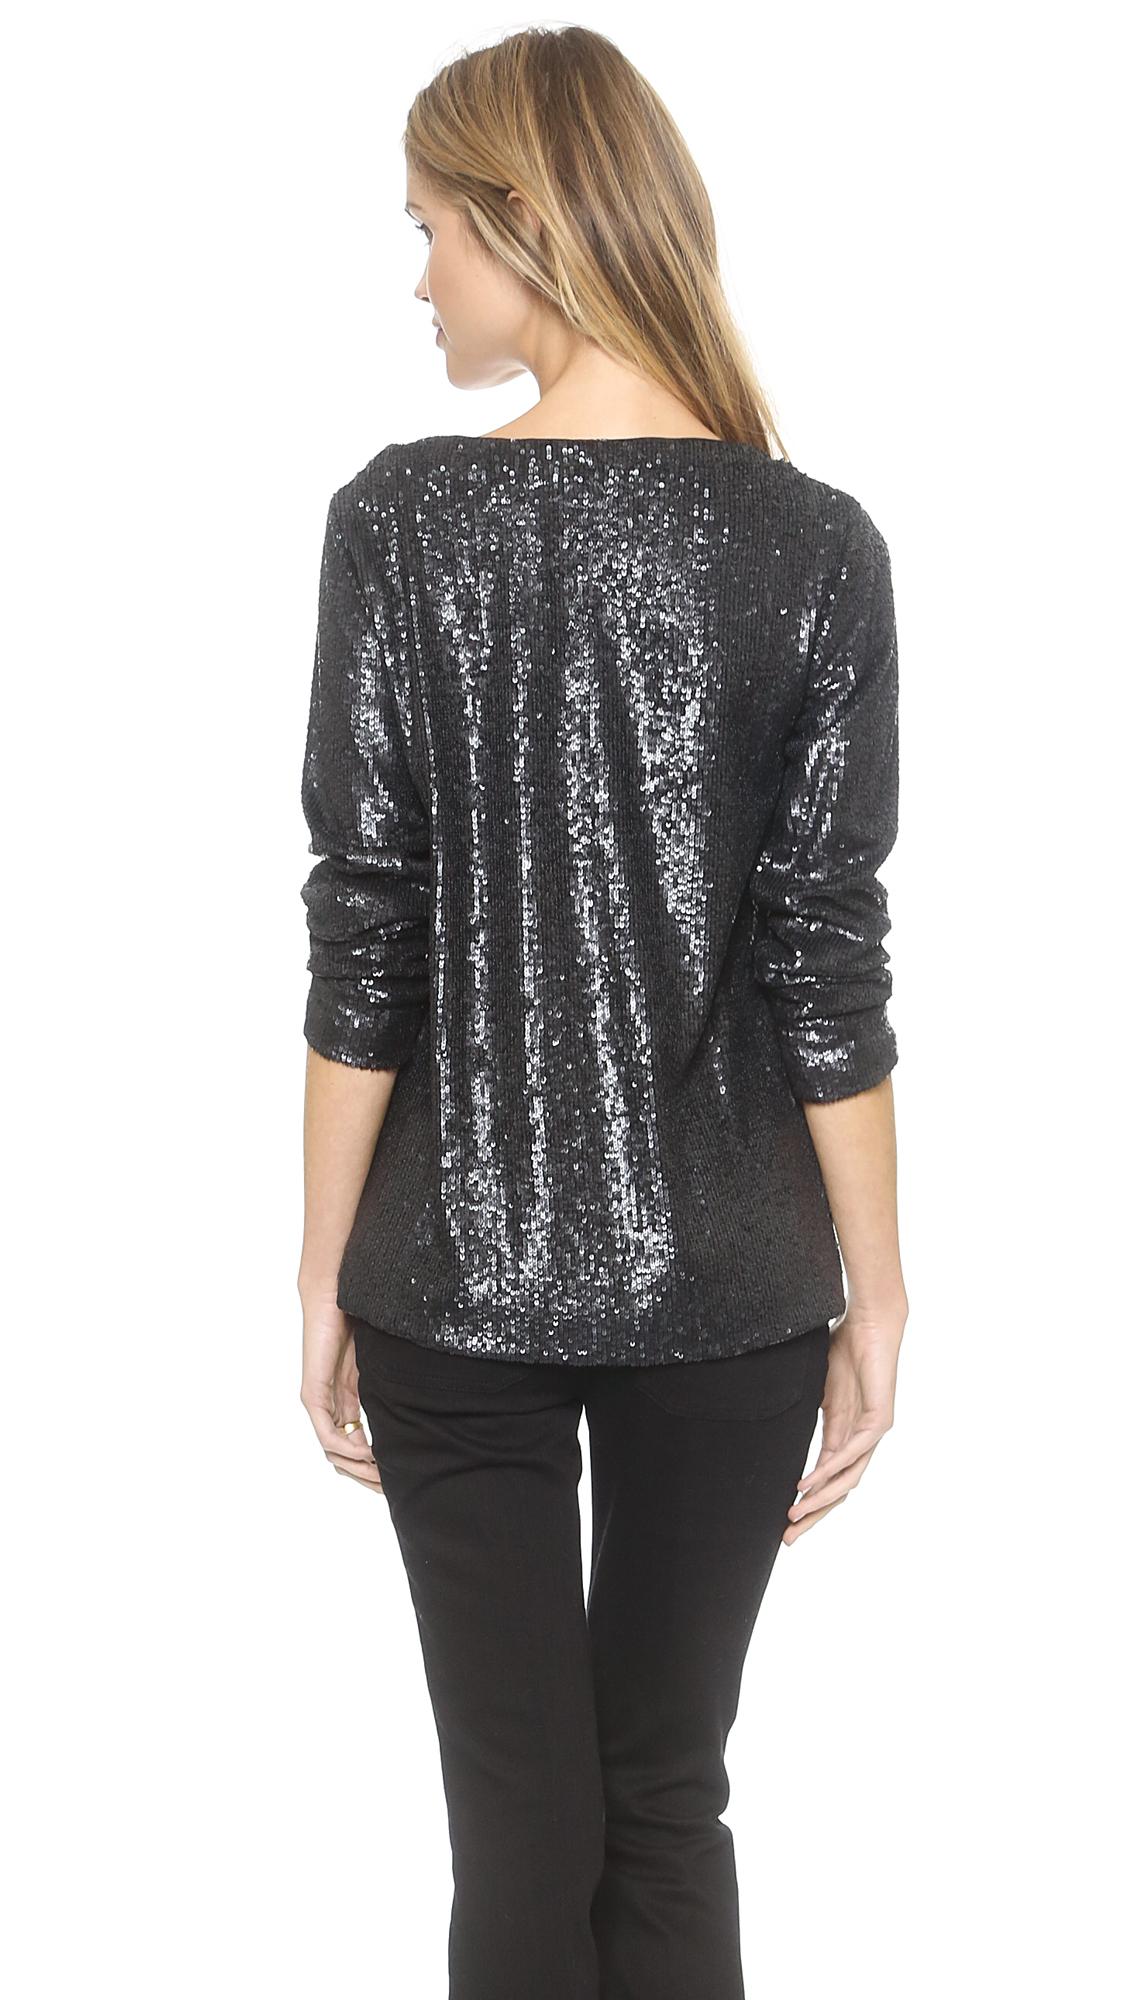 Rachel Zoe Cora Long Sleeve Sequin Top  Black in Black  Lyst